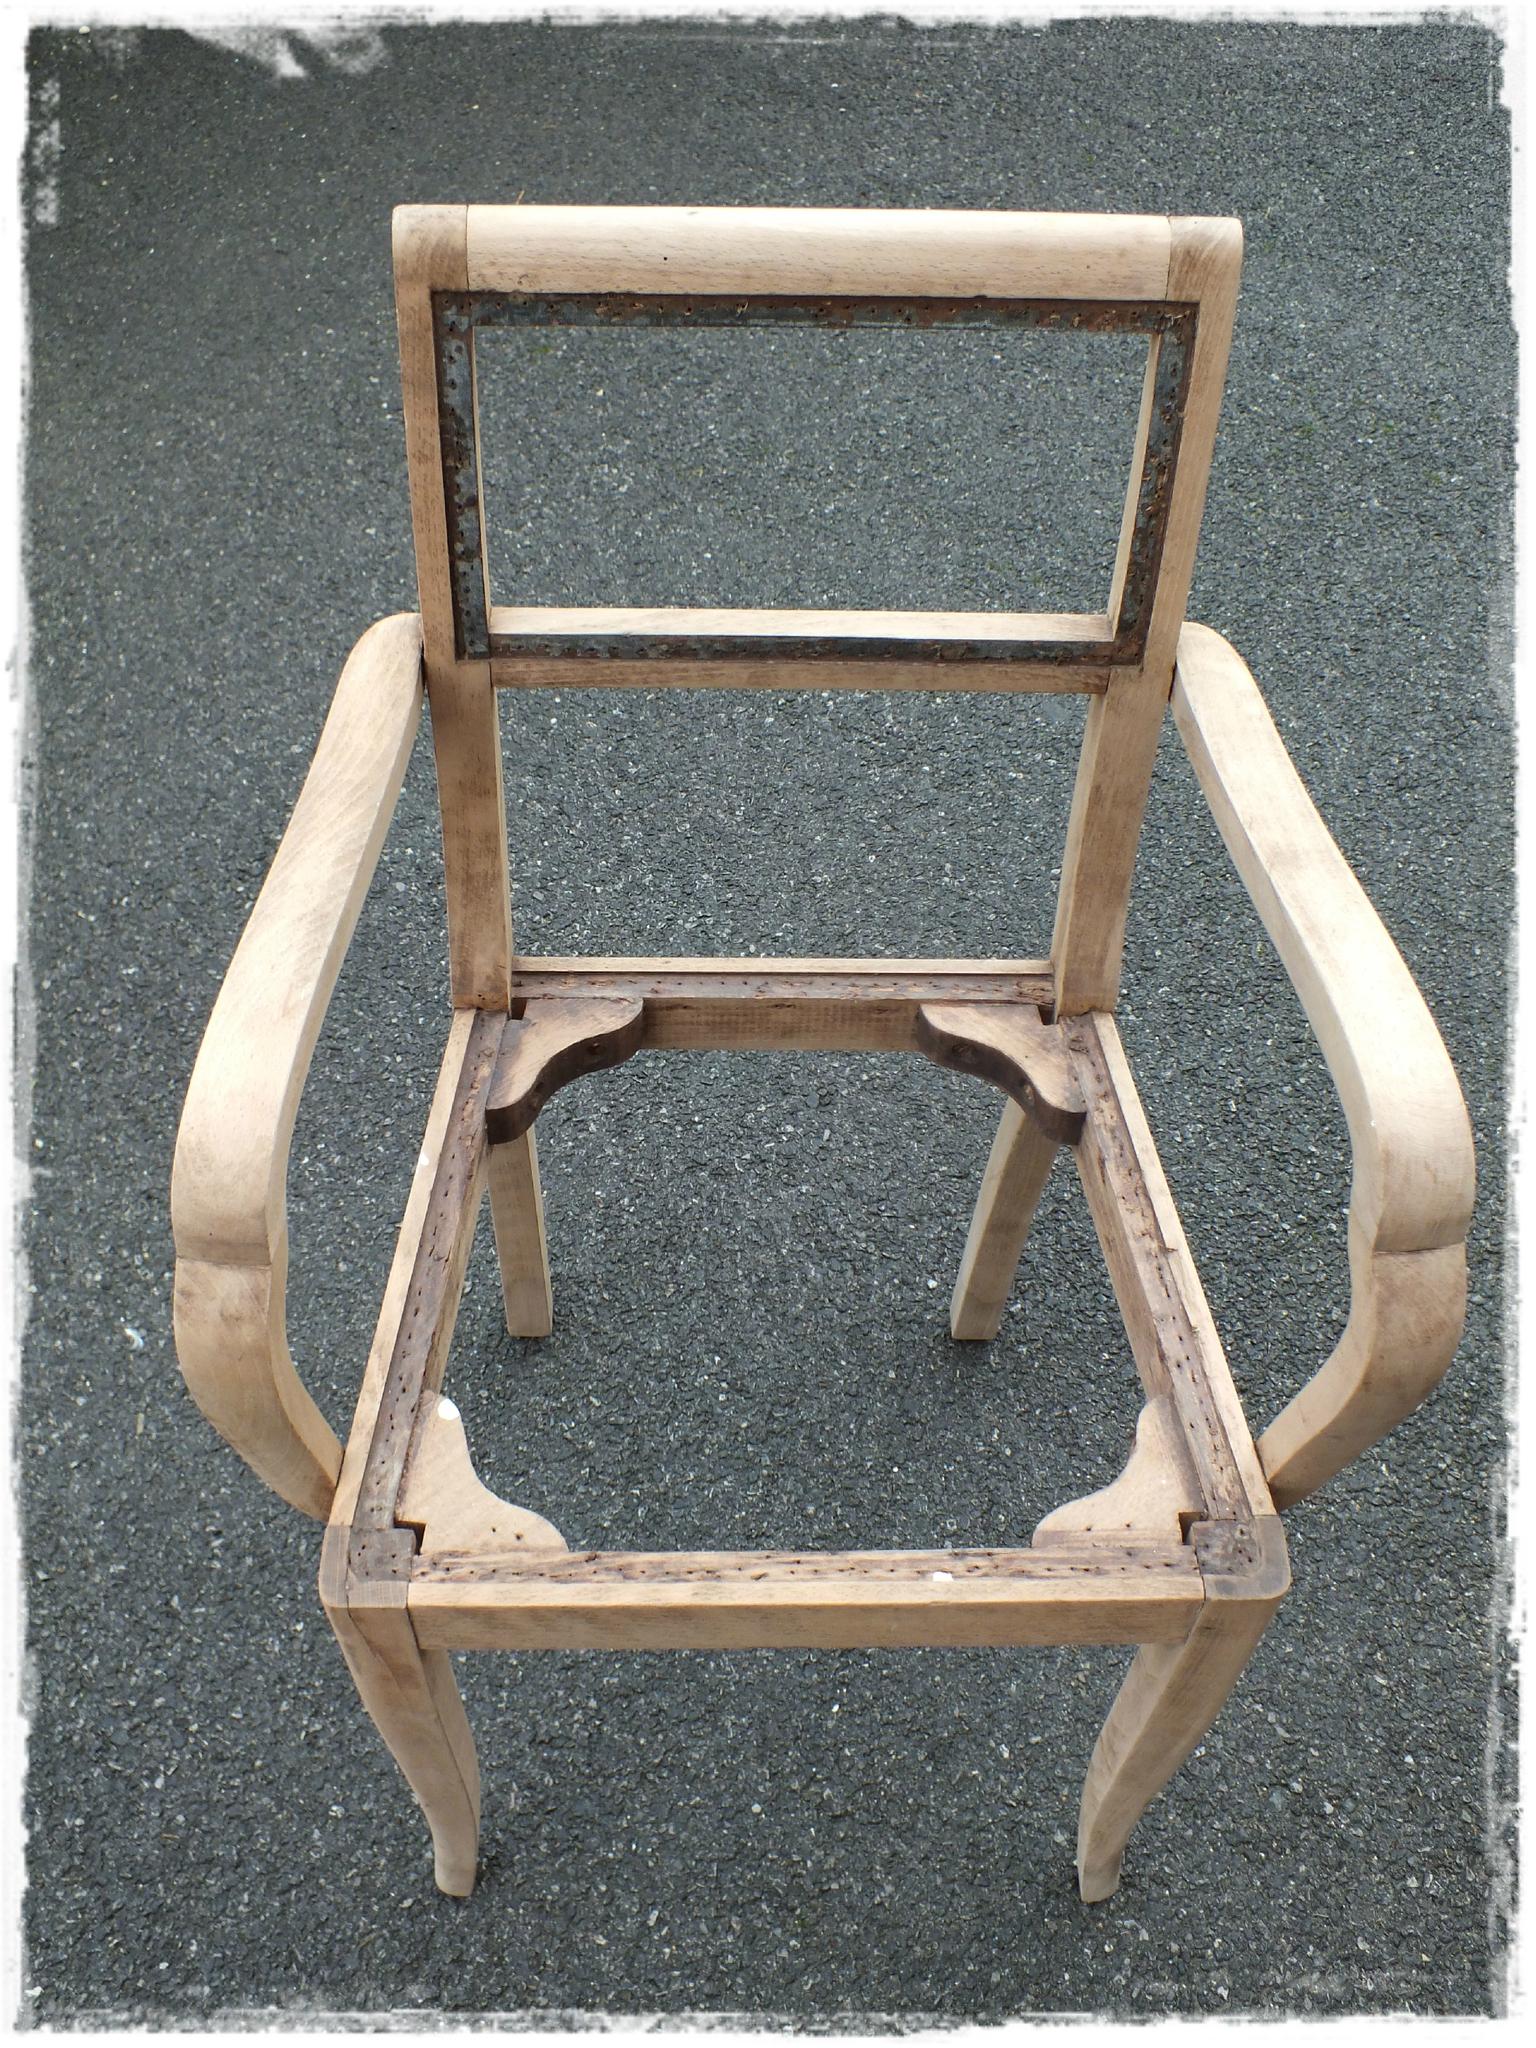 https www agencecormierdelauniere com fauteuil eurodif fauteuil bridge renove broc et patine le grenier de sara destine fauteuil eurodif